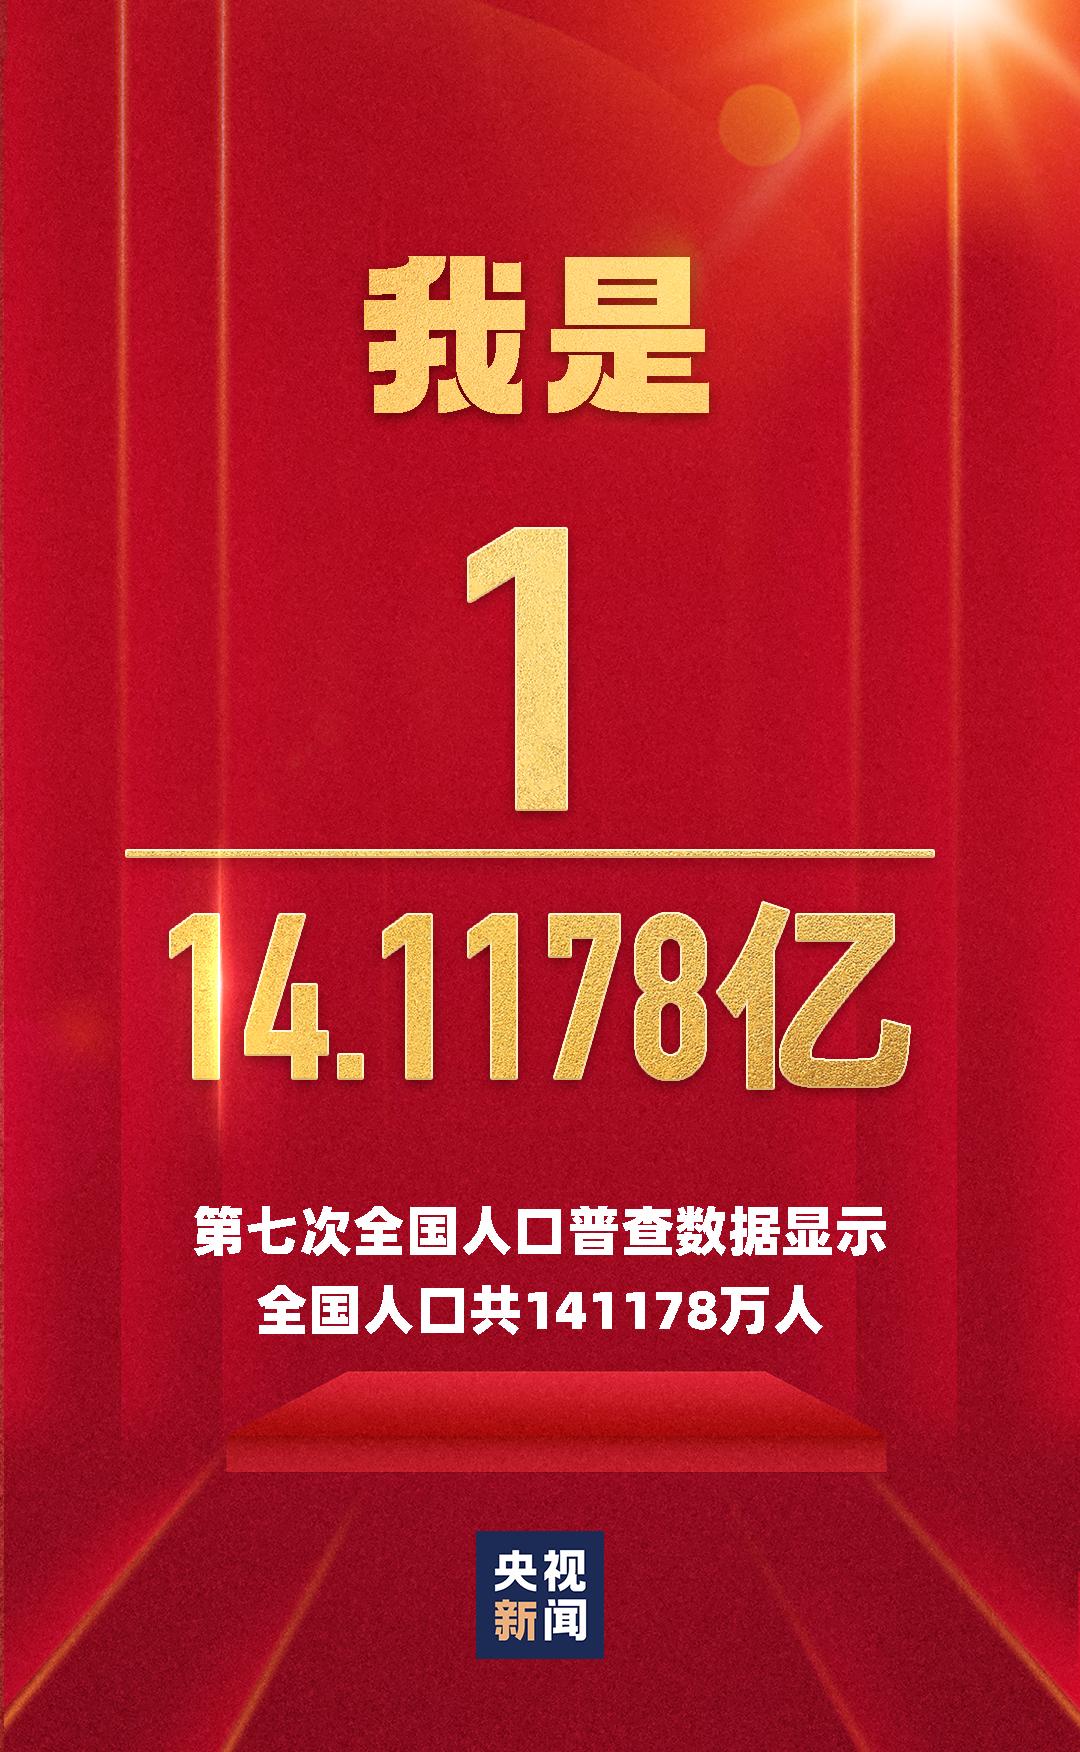 超14.1亿!第七次全国人口普查结果公布,江西常住人口45188635人